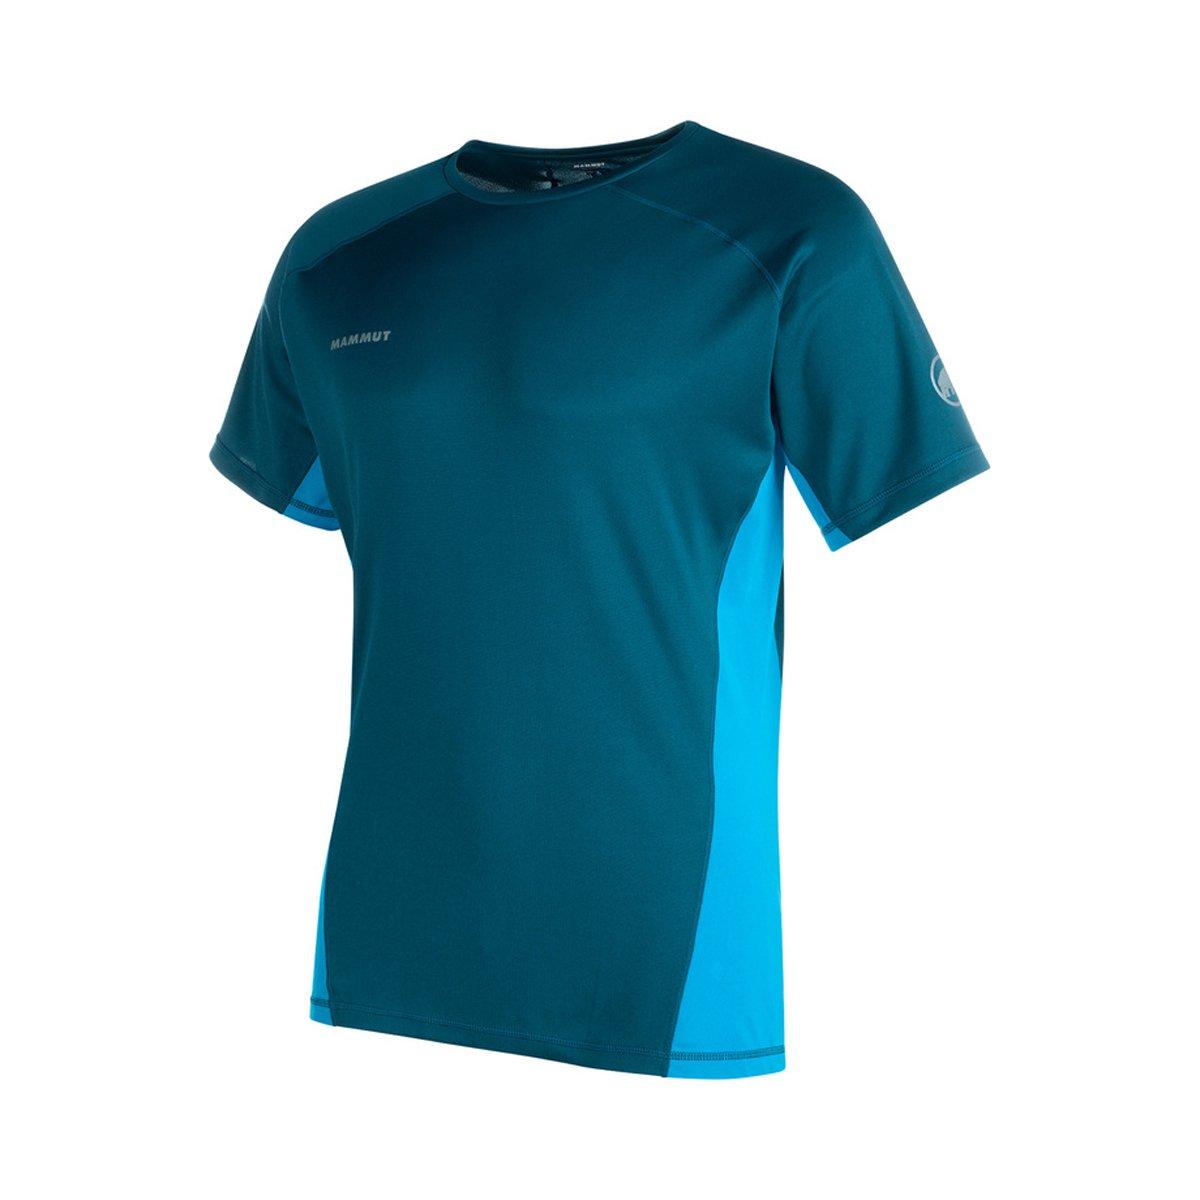 Mammut MTR 201 Pro T-Shirt Men - Funktionsshirt